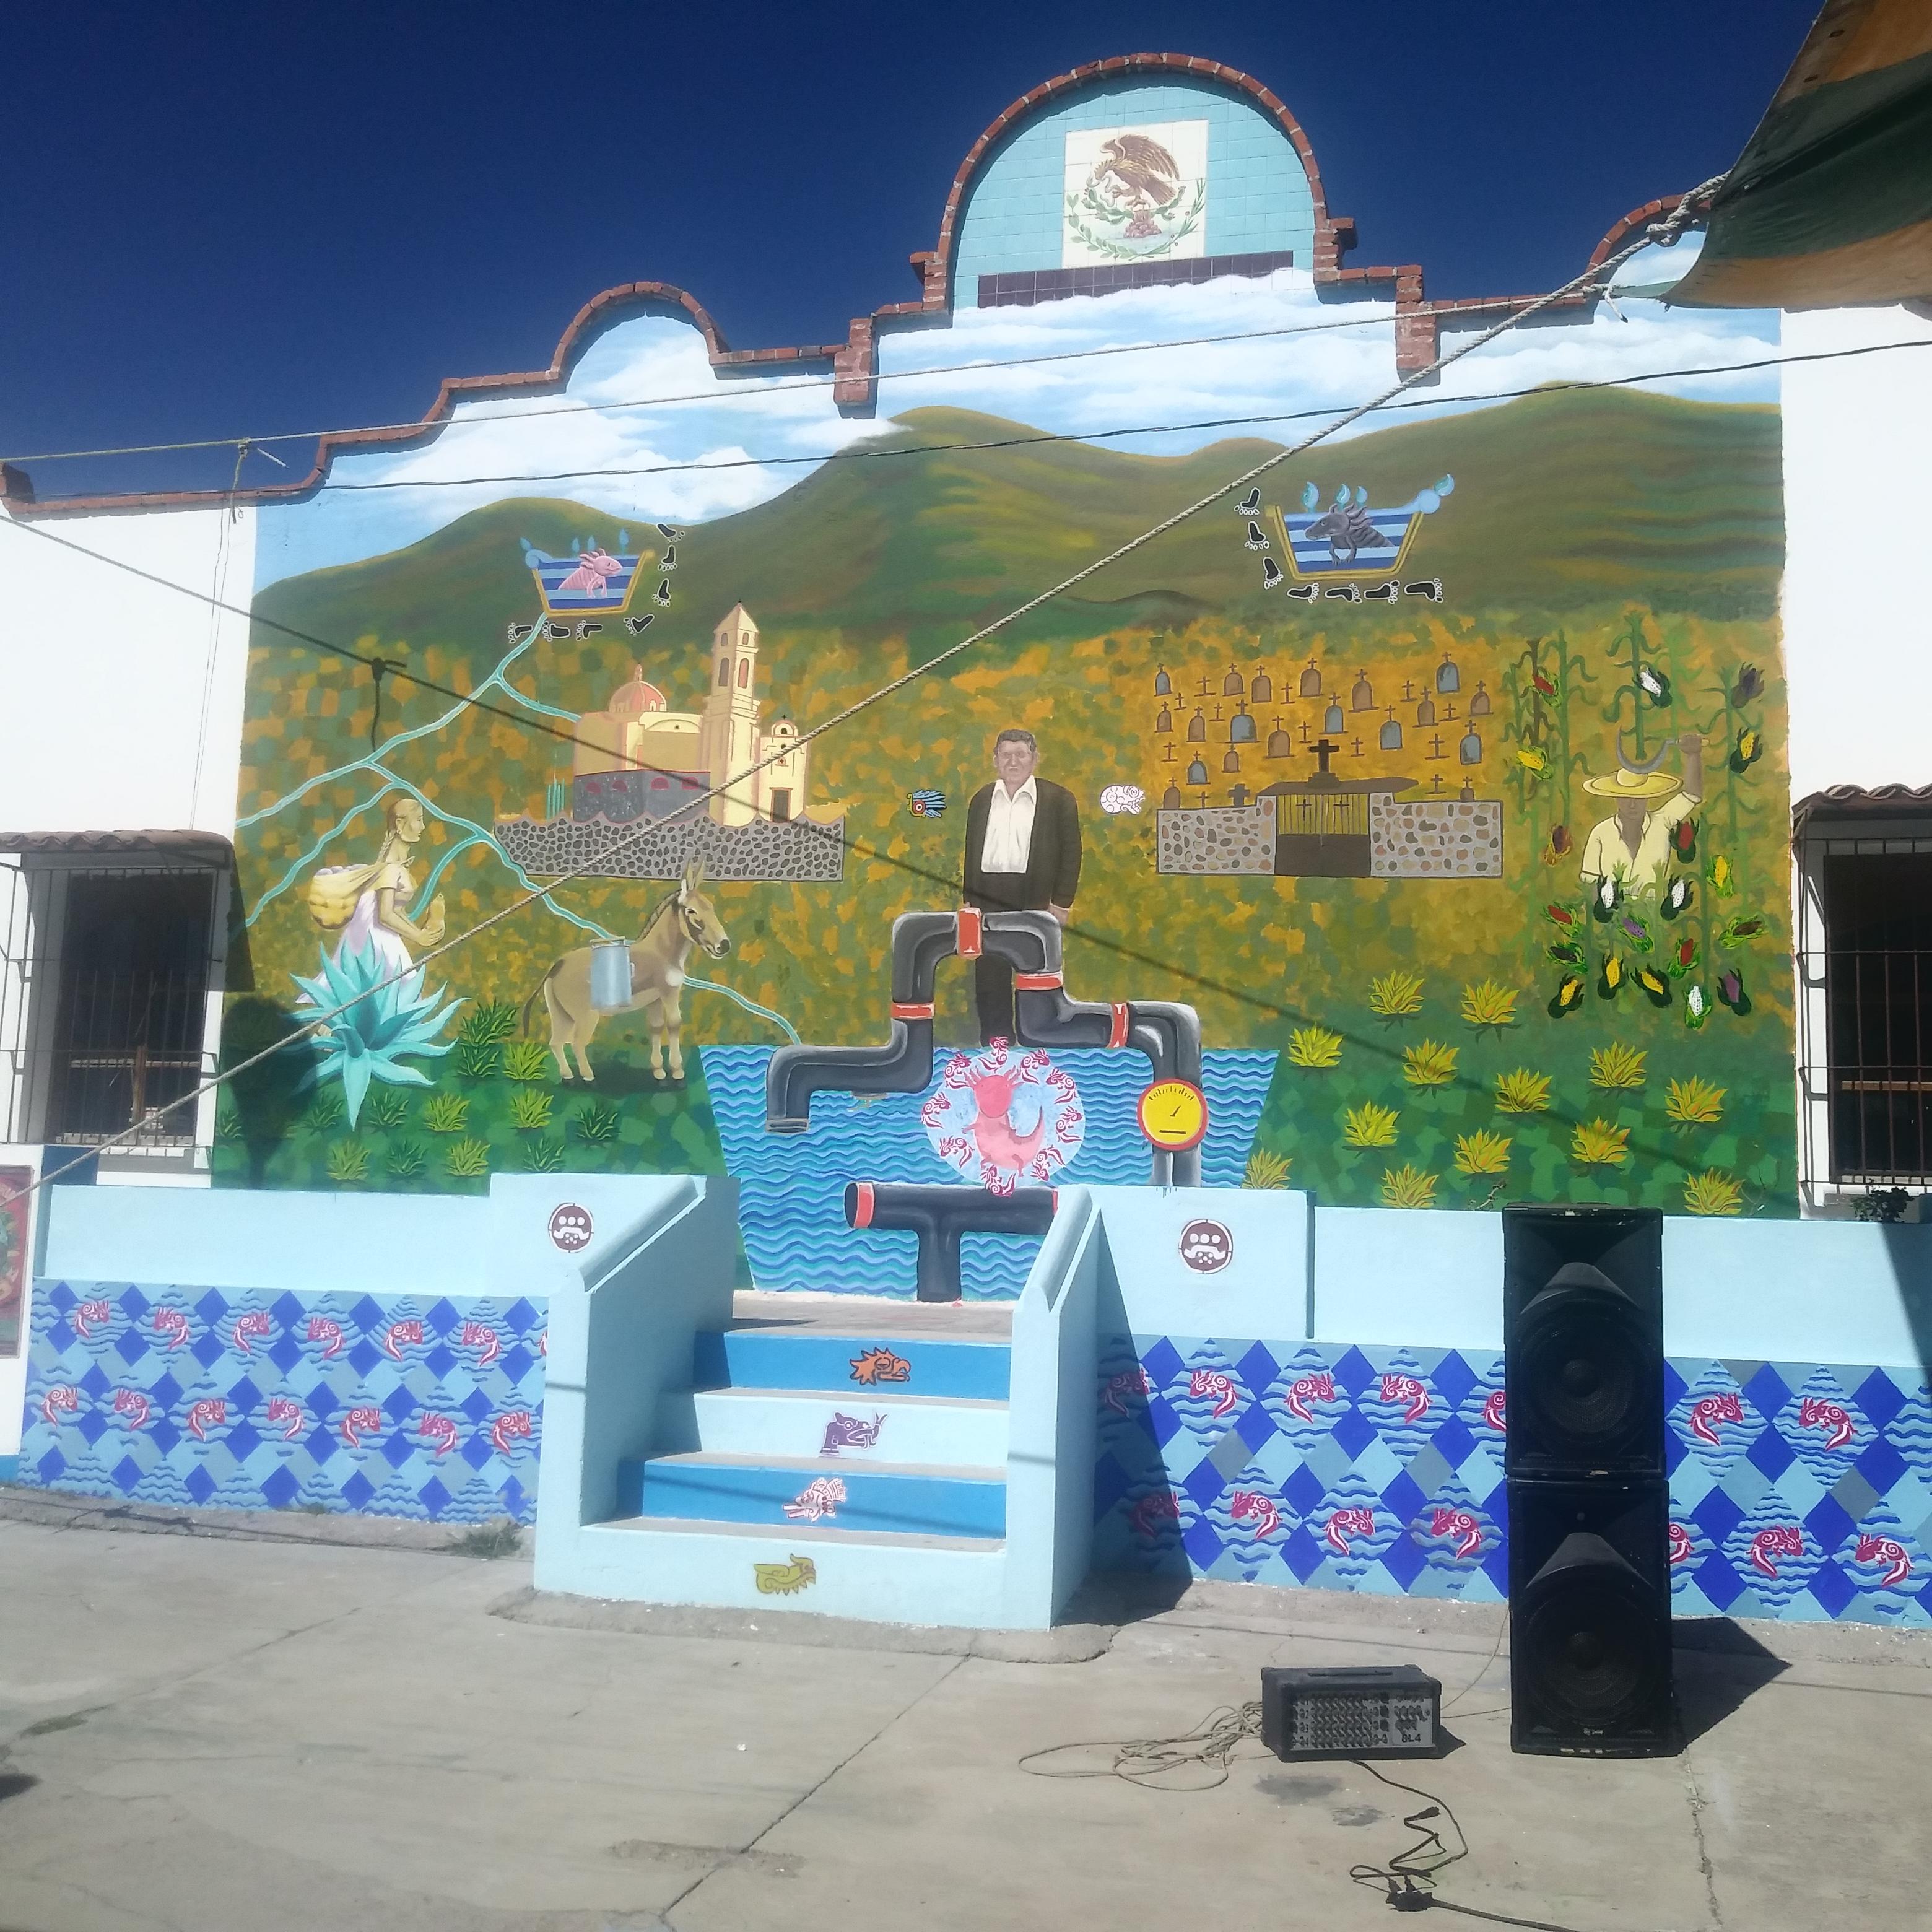 """Jornadas """"Samir Somos Todas y Todos"""", Inauguran mural por la identidad cultural y la memoria colectiva del pueblo de Santa María Ajoloapan, Tecámac, Estado de México"""